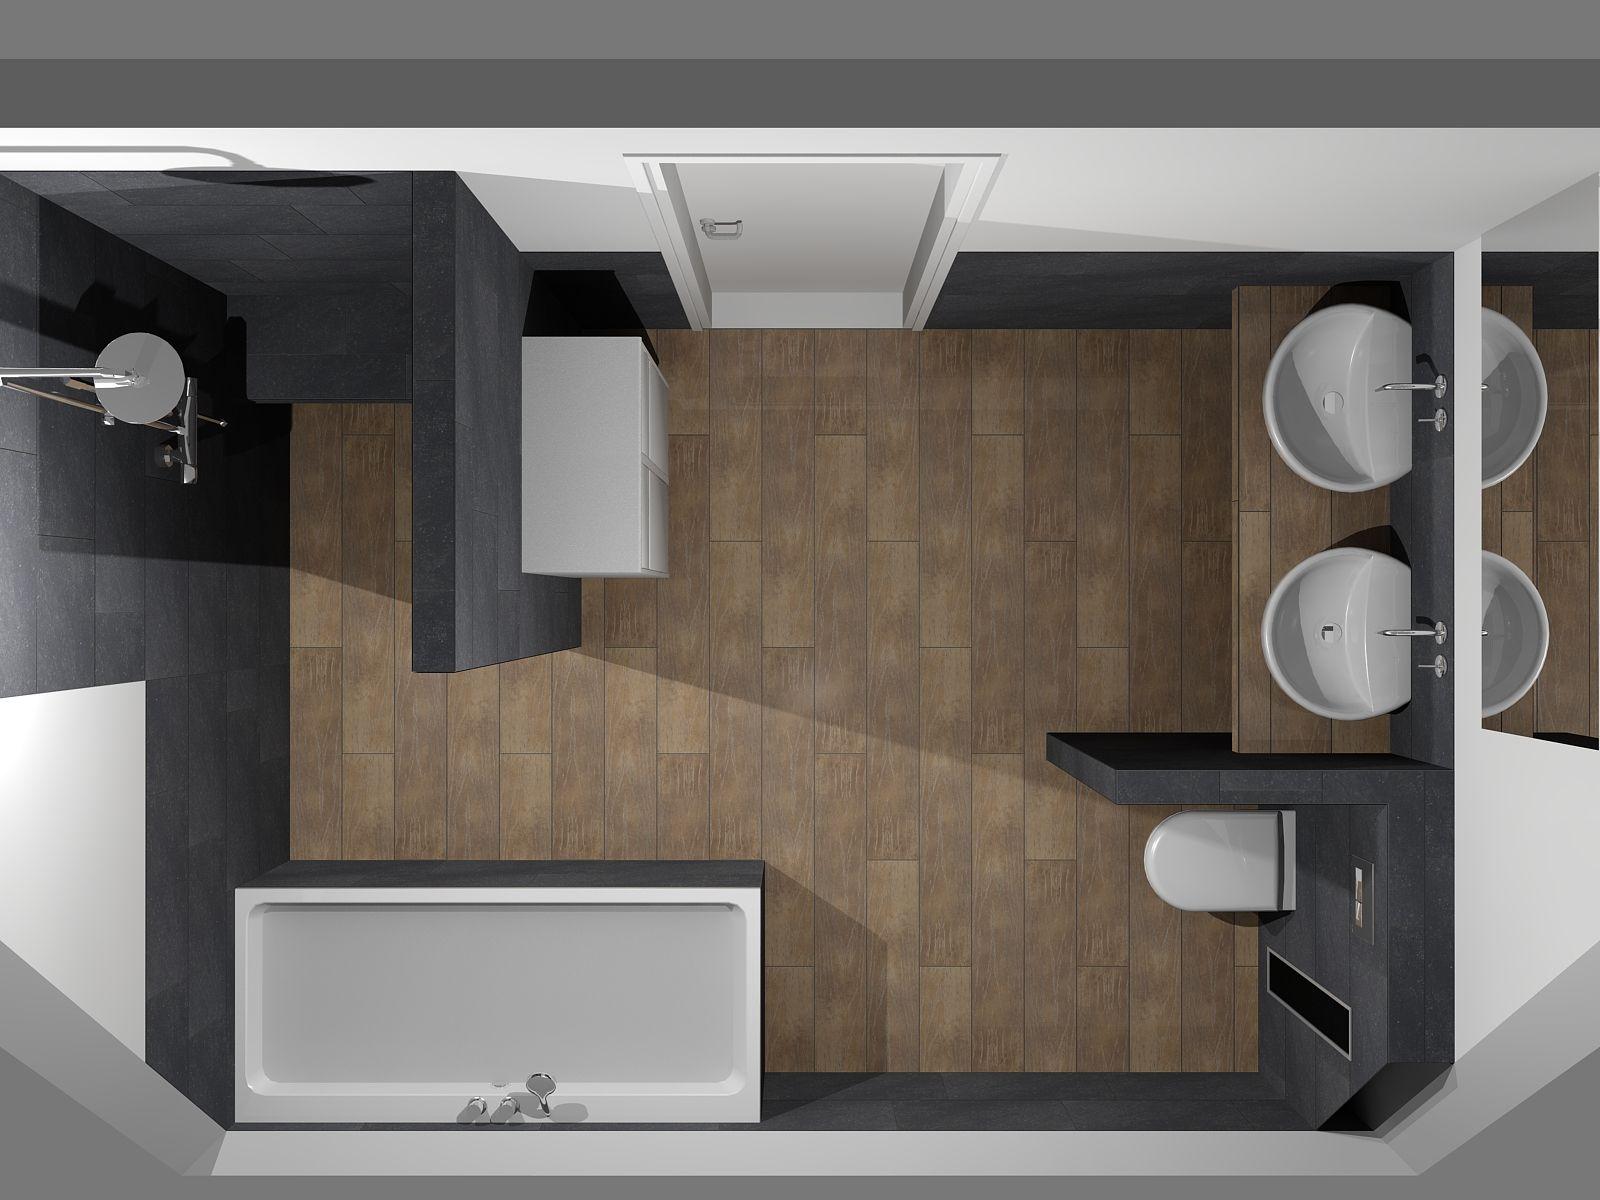 de eerste kamer moderne badkamer met ronde en rechthoekige vormen